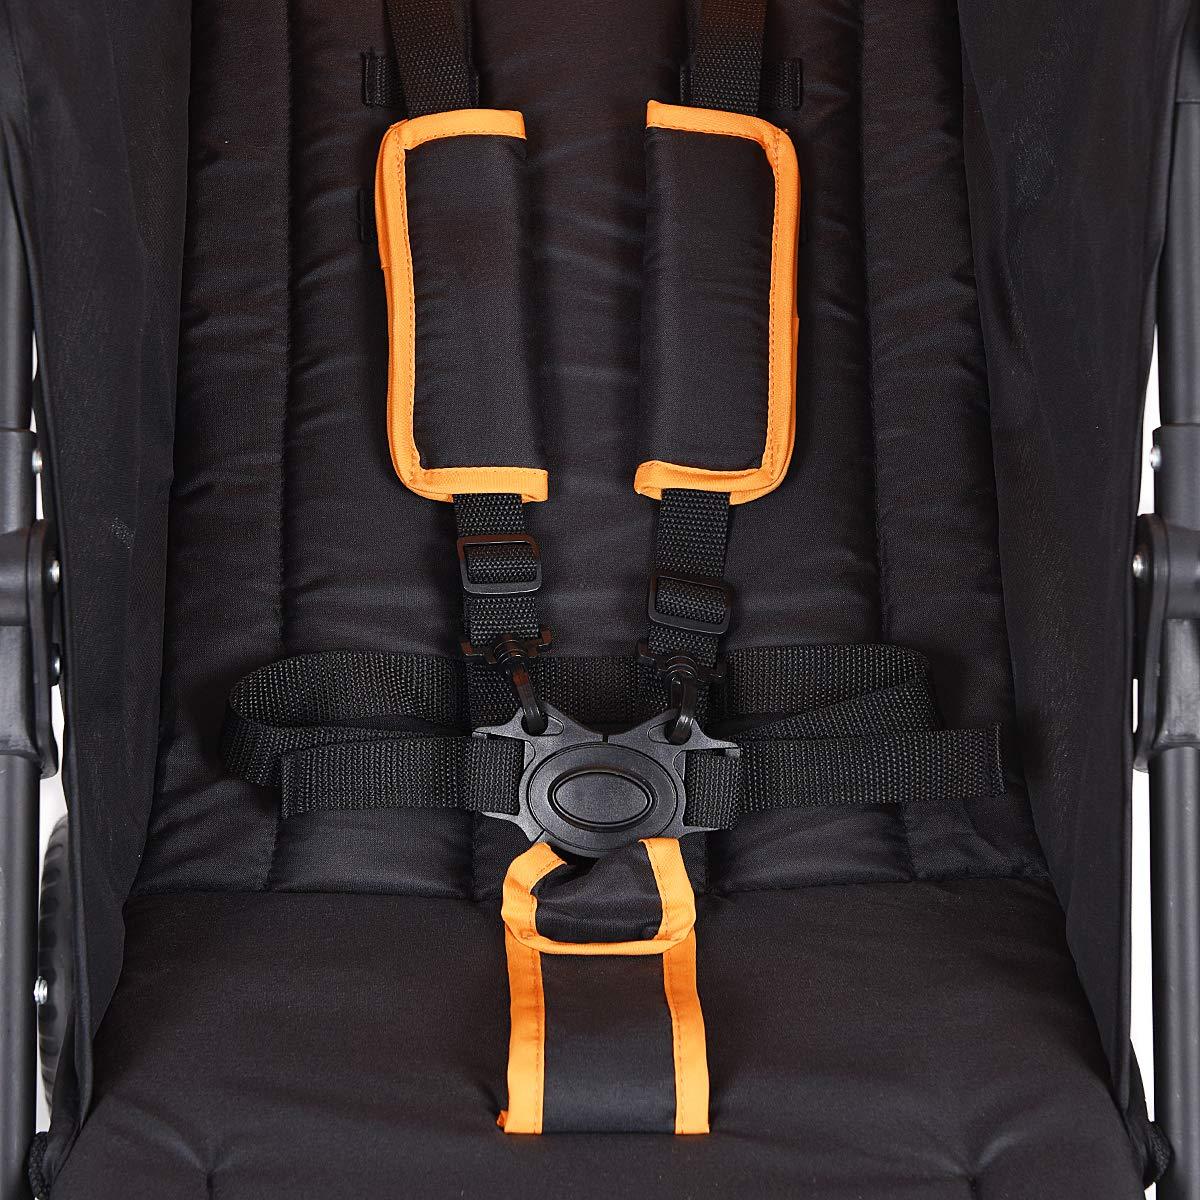 INFANS Lightweight Baby Umbrella Stroller, Foldable Infant Travel Stroller with 4 Position Recline, Adjustable Backrest, Cup Holder, Storage Basket, UV Protection Canopy, Carry Belt (Orange) by INFANS (Image #9)